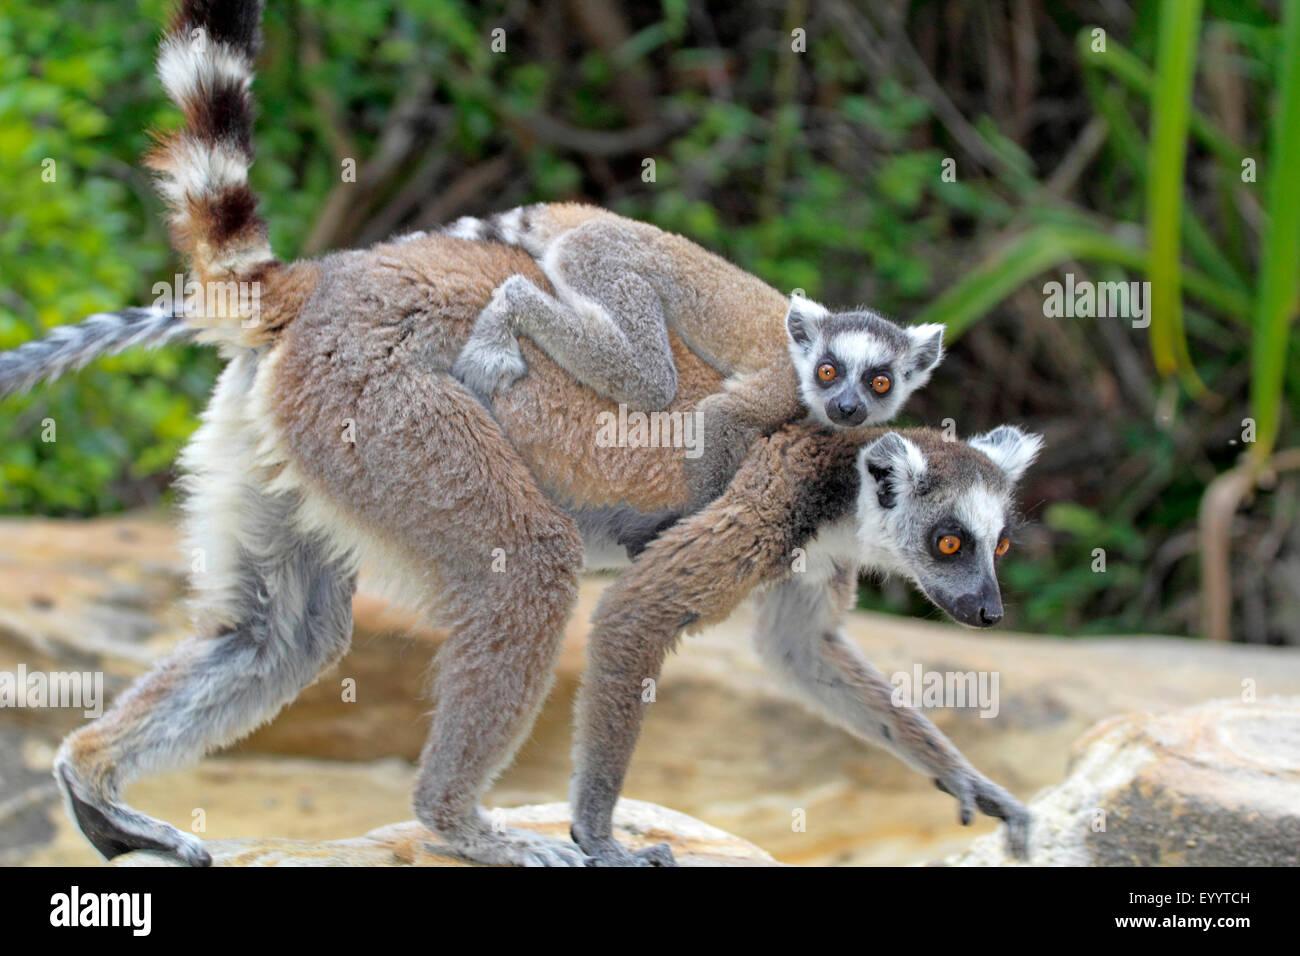 Lémur de cola anillada (Lemur catta), hembra con crías en su espalda, Madagascar, el Parque Nacional de Imagen De Stock